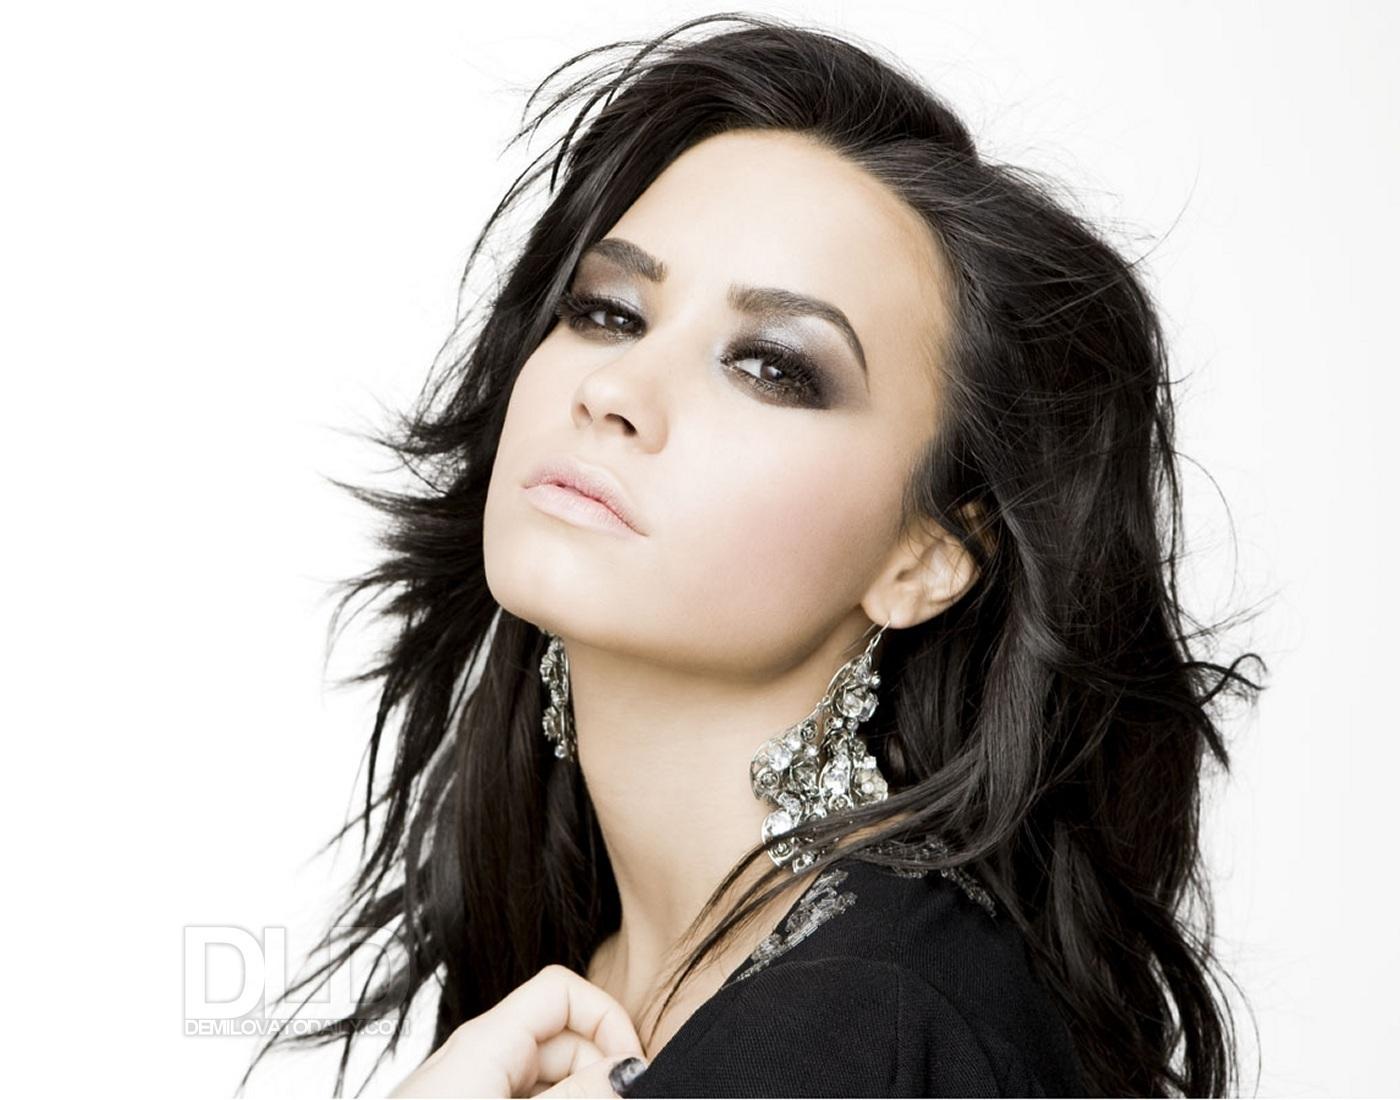 http://3.bp.blogspot.com/_AN_LSoDN9y8/TTyerQhC_ZI/AAAAAAAAADY/ZWhEUmEDNNw/s1600/Mulher-Demi+Lovato+-+by+AL..jpg